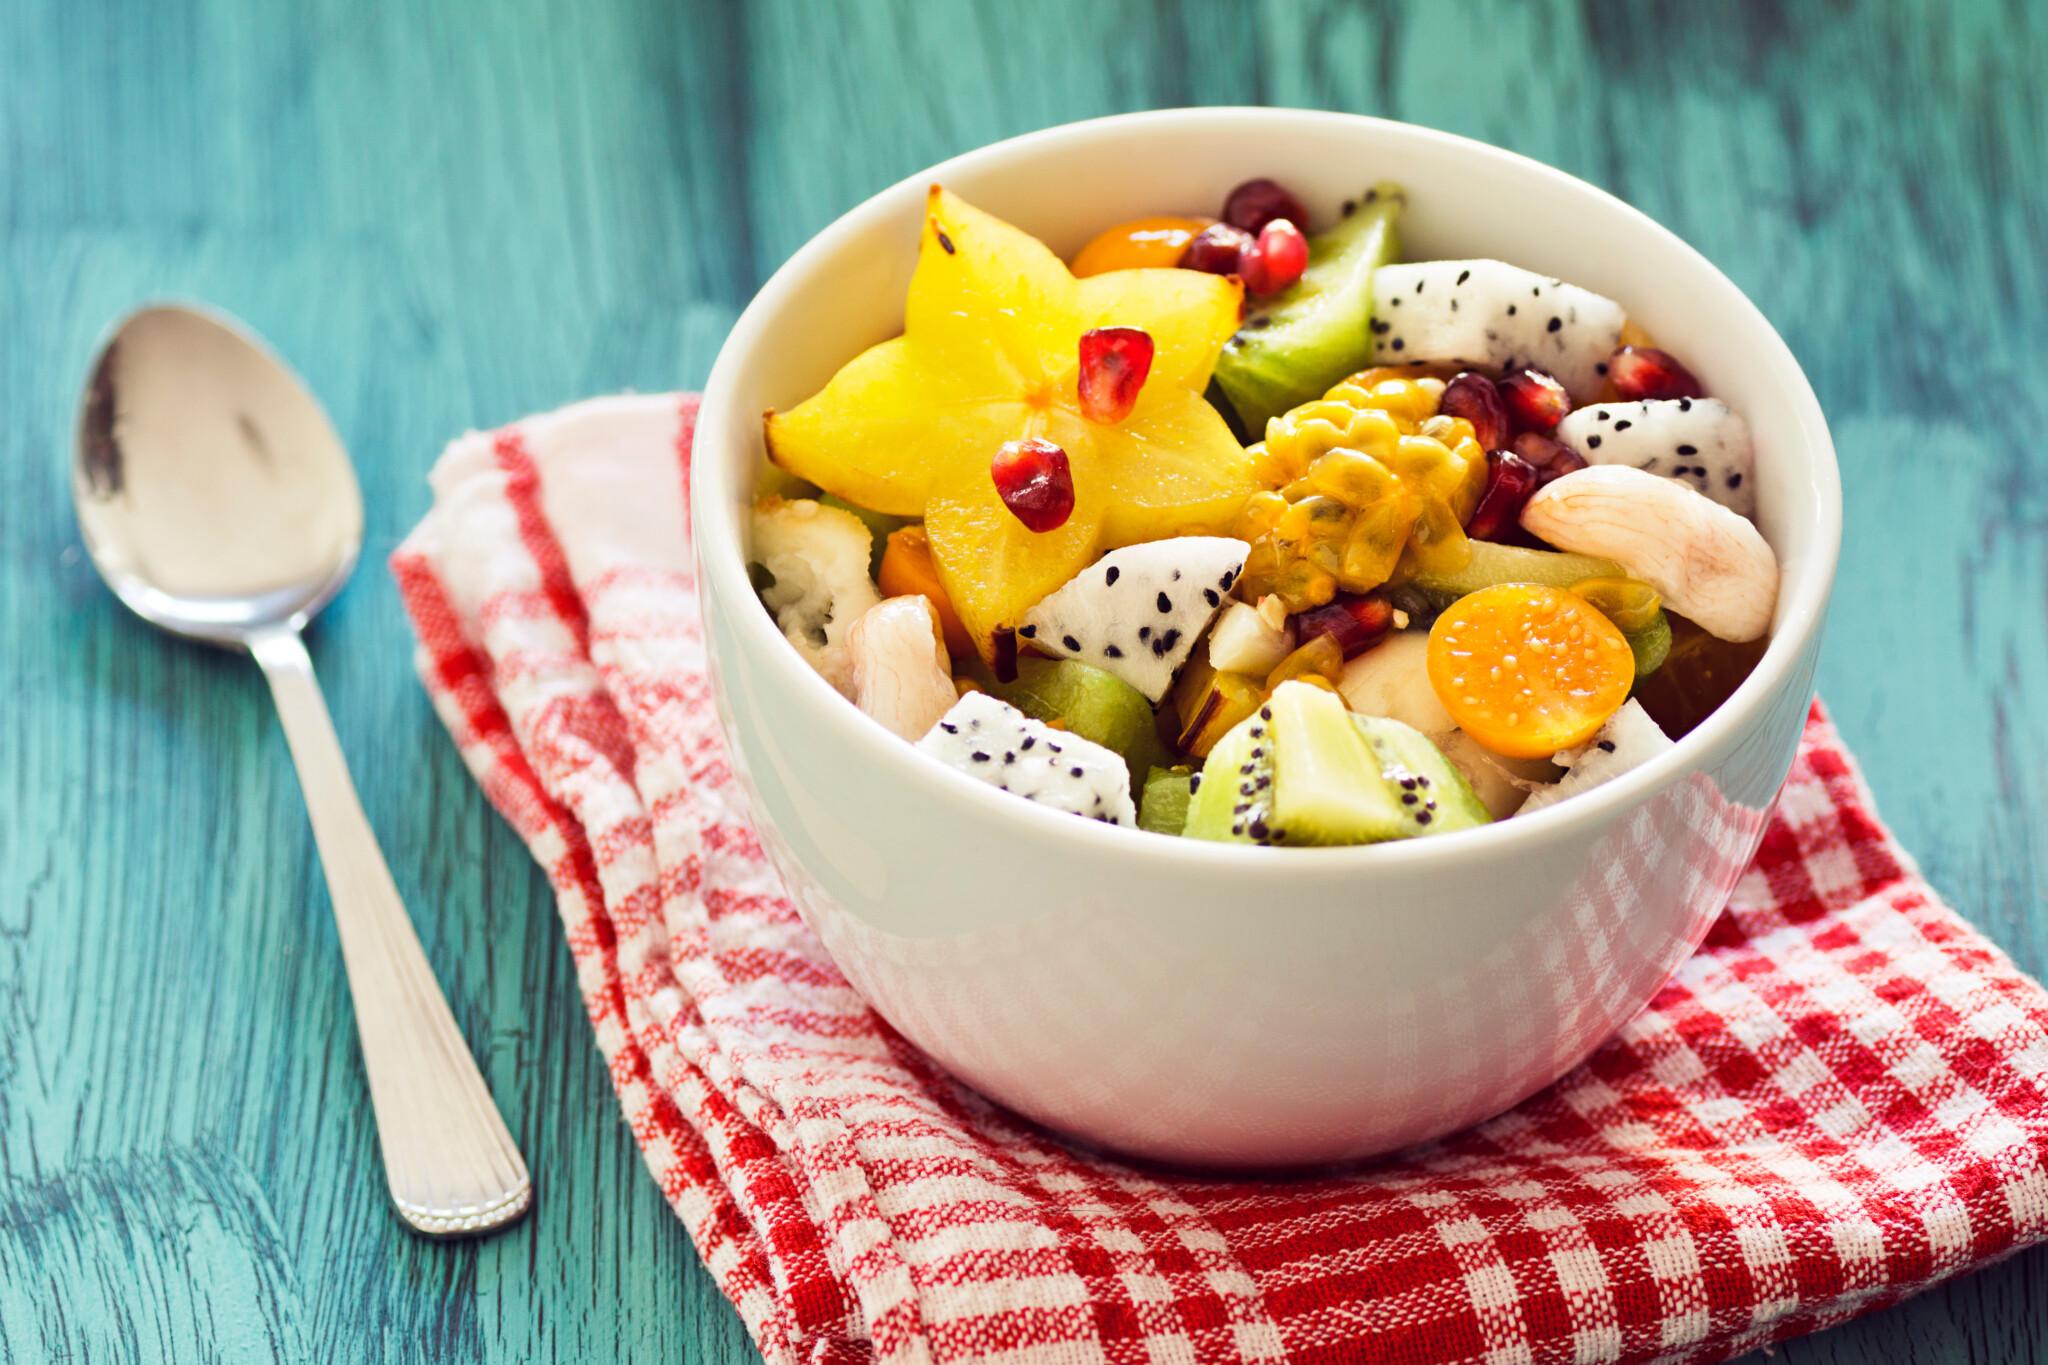 むくみケアになる! 美容好き約100人が教える「体に良さそうな果物と食べ方」